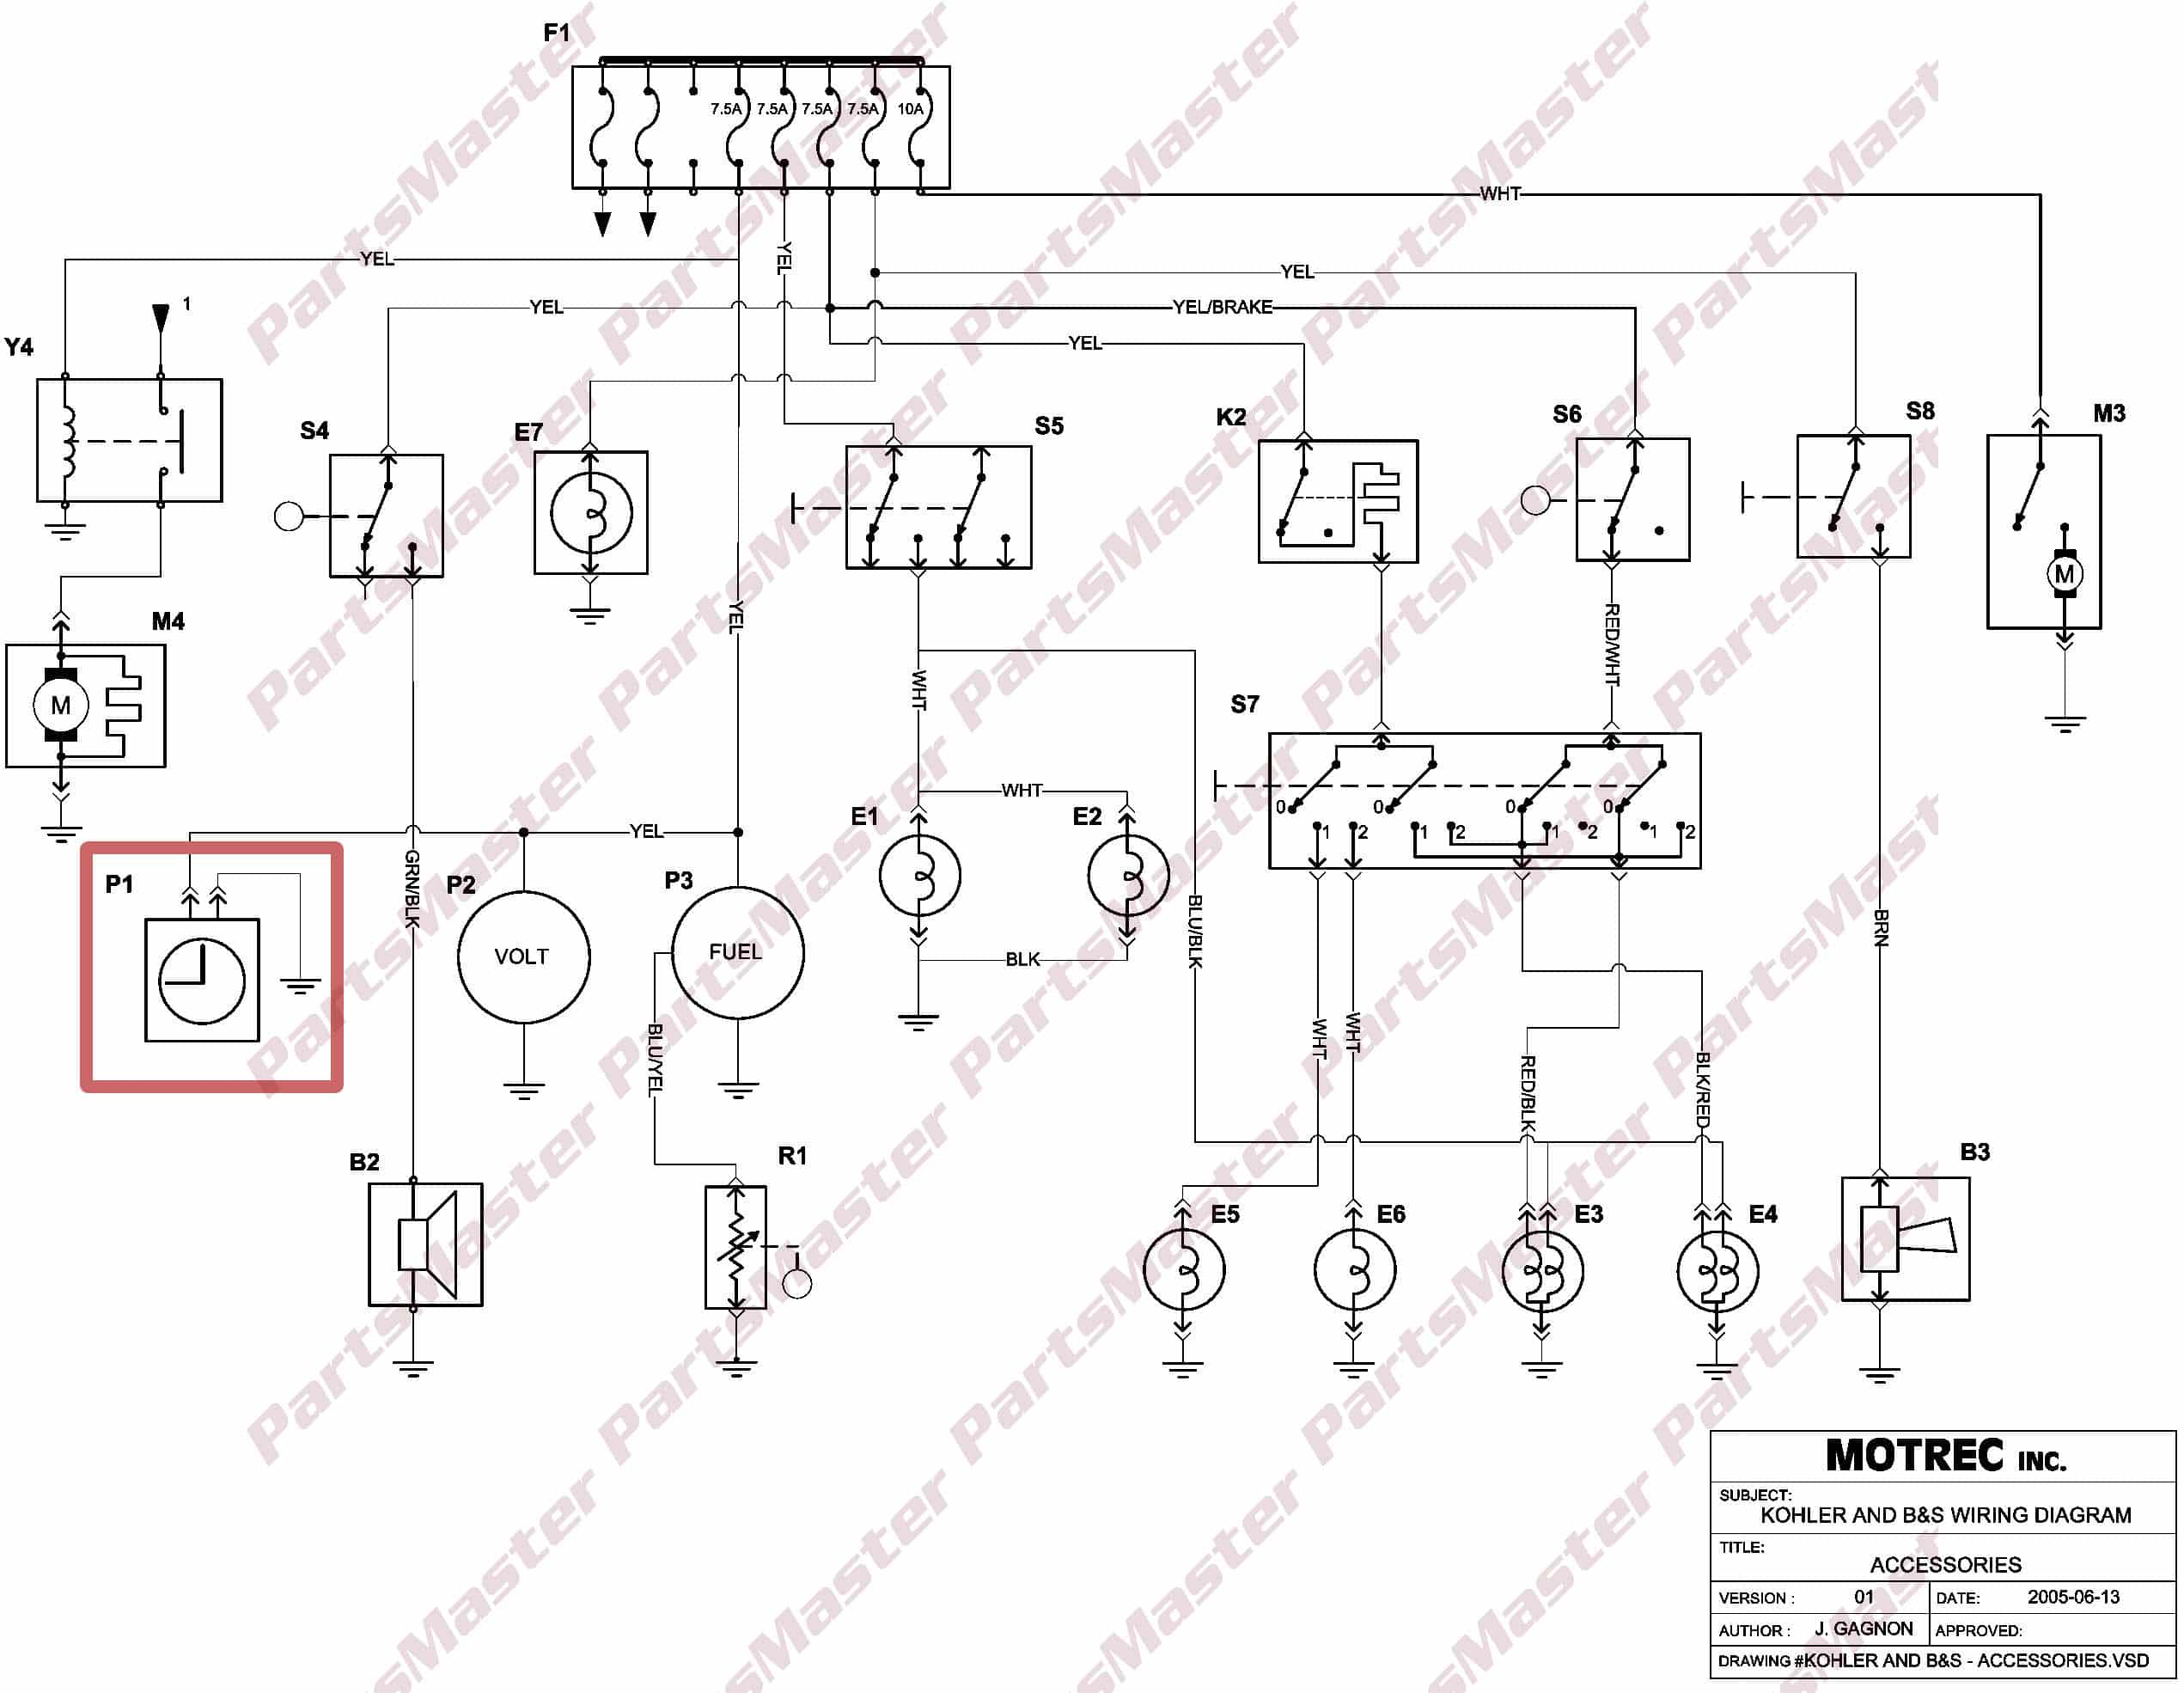 Wiring Diagrams 1998 Bluebird Diagram Libraries Schematic Schema